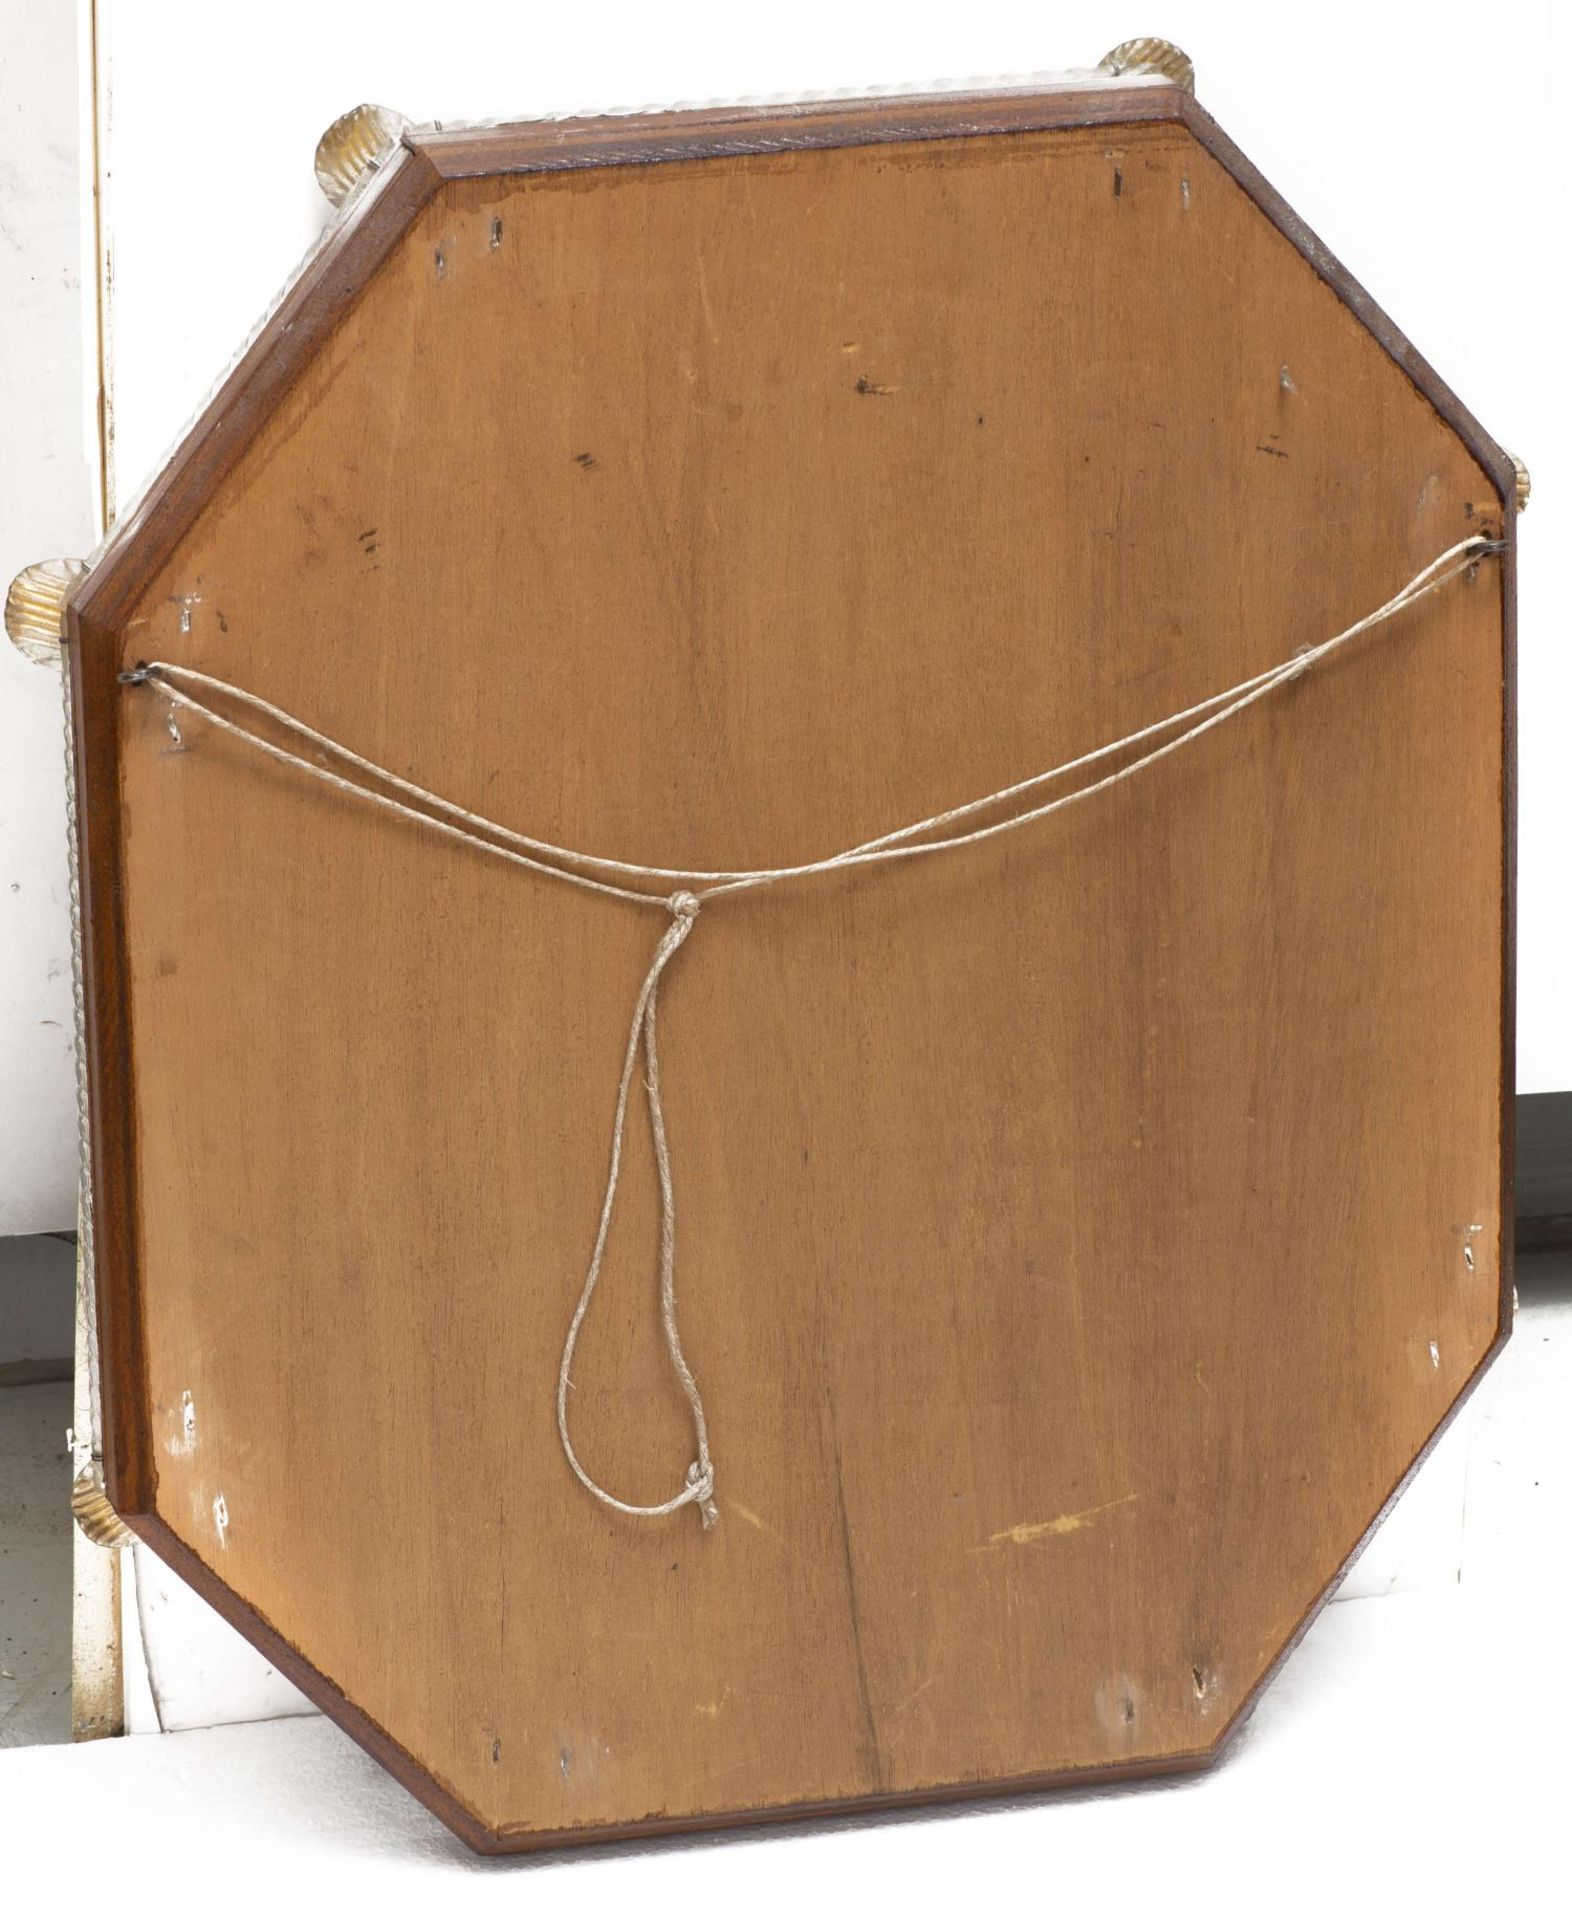 Miroir vénitien octogonal encadré de torsades et de fleurs en verre - Bild 4 aus 4